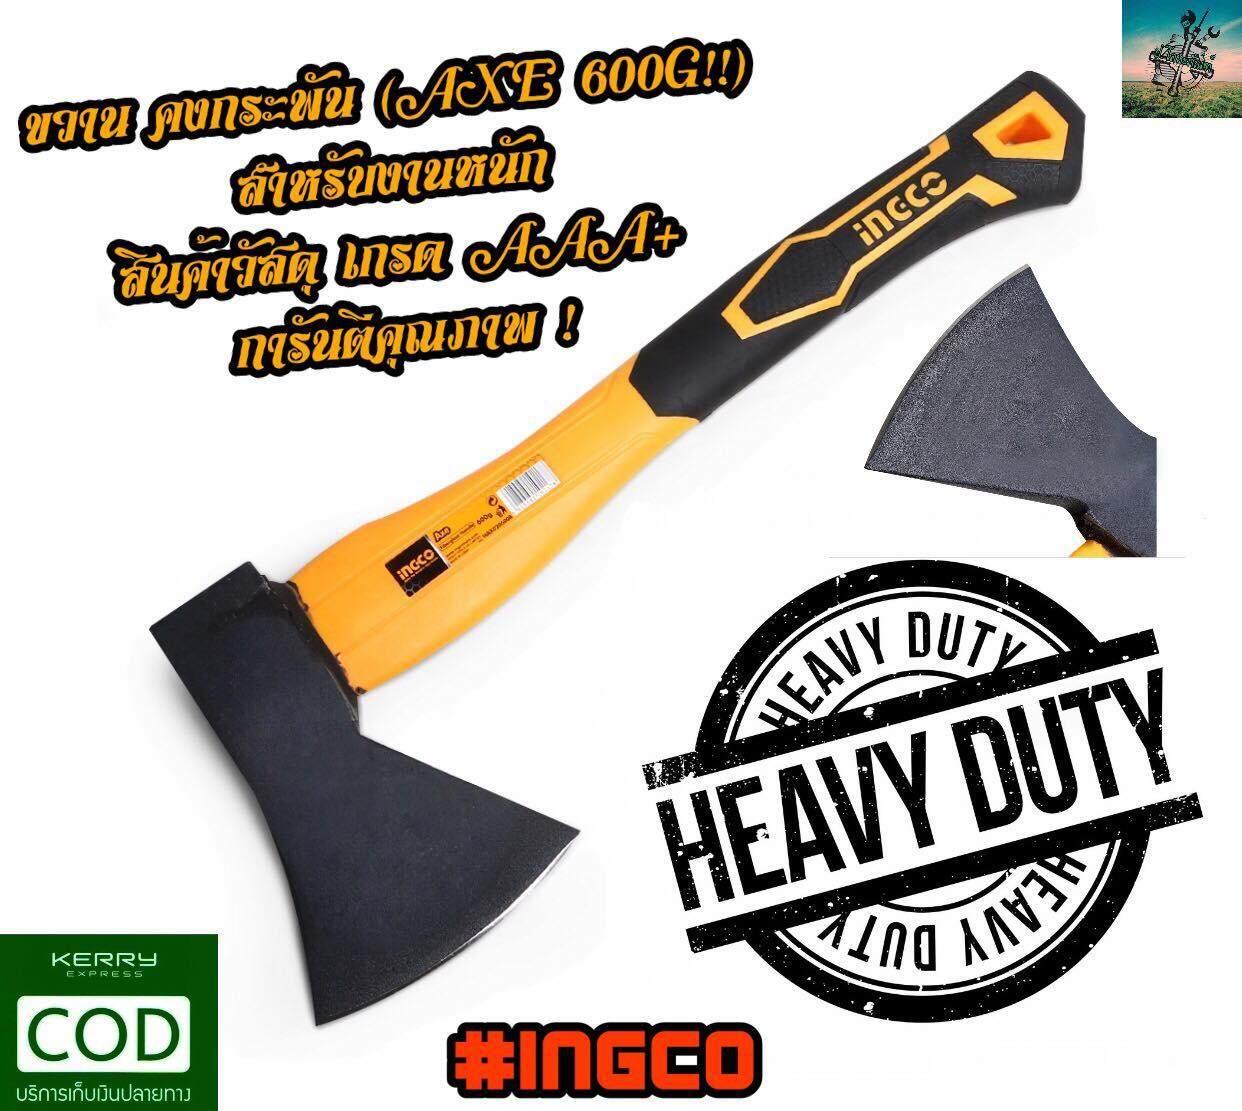 ขวาน คงกระพัน ฟันไม้ สับไม้ สำหรับงานหนัก Heavy Duty by INGCO #เหล็ก High Carbon 600G (เต็ม!)